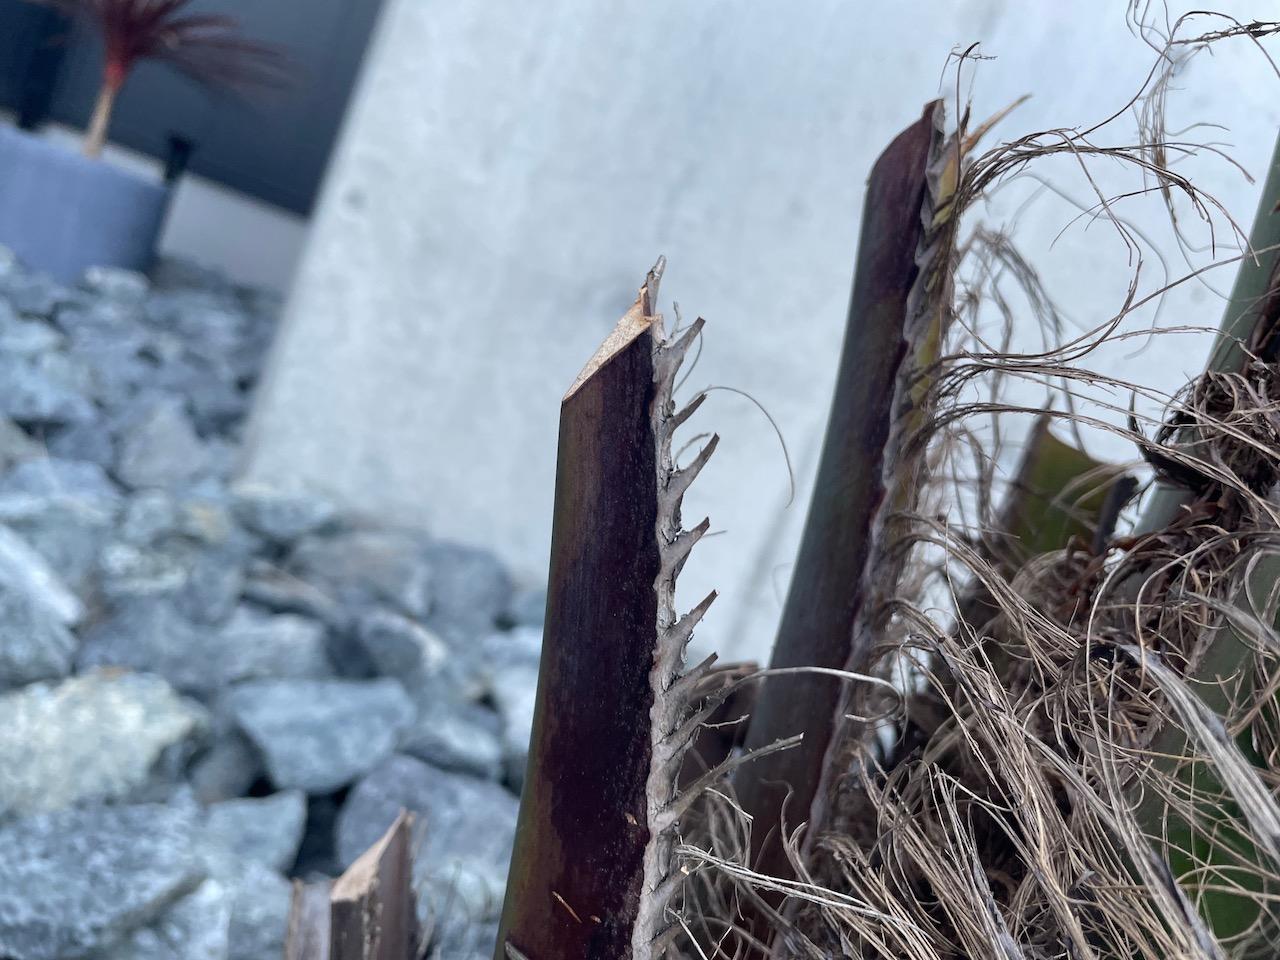 ヤシの木(ココスヤシ)は角度をつけて剪定する